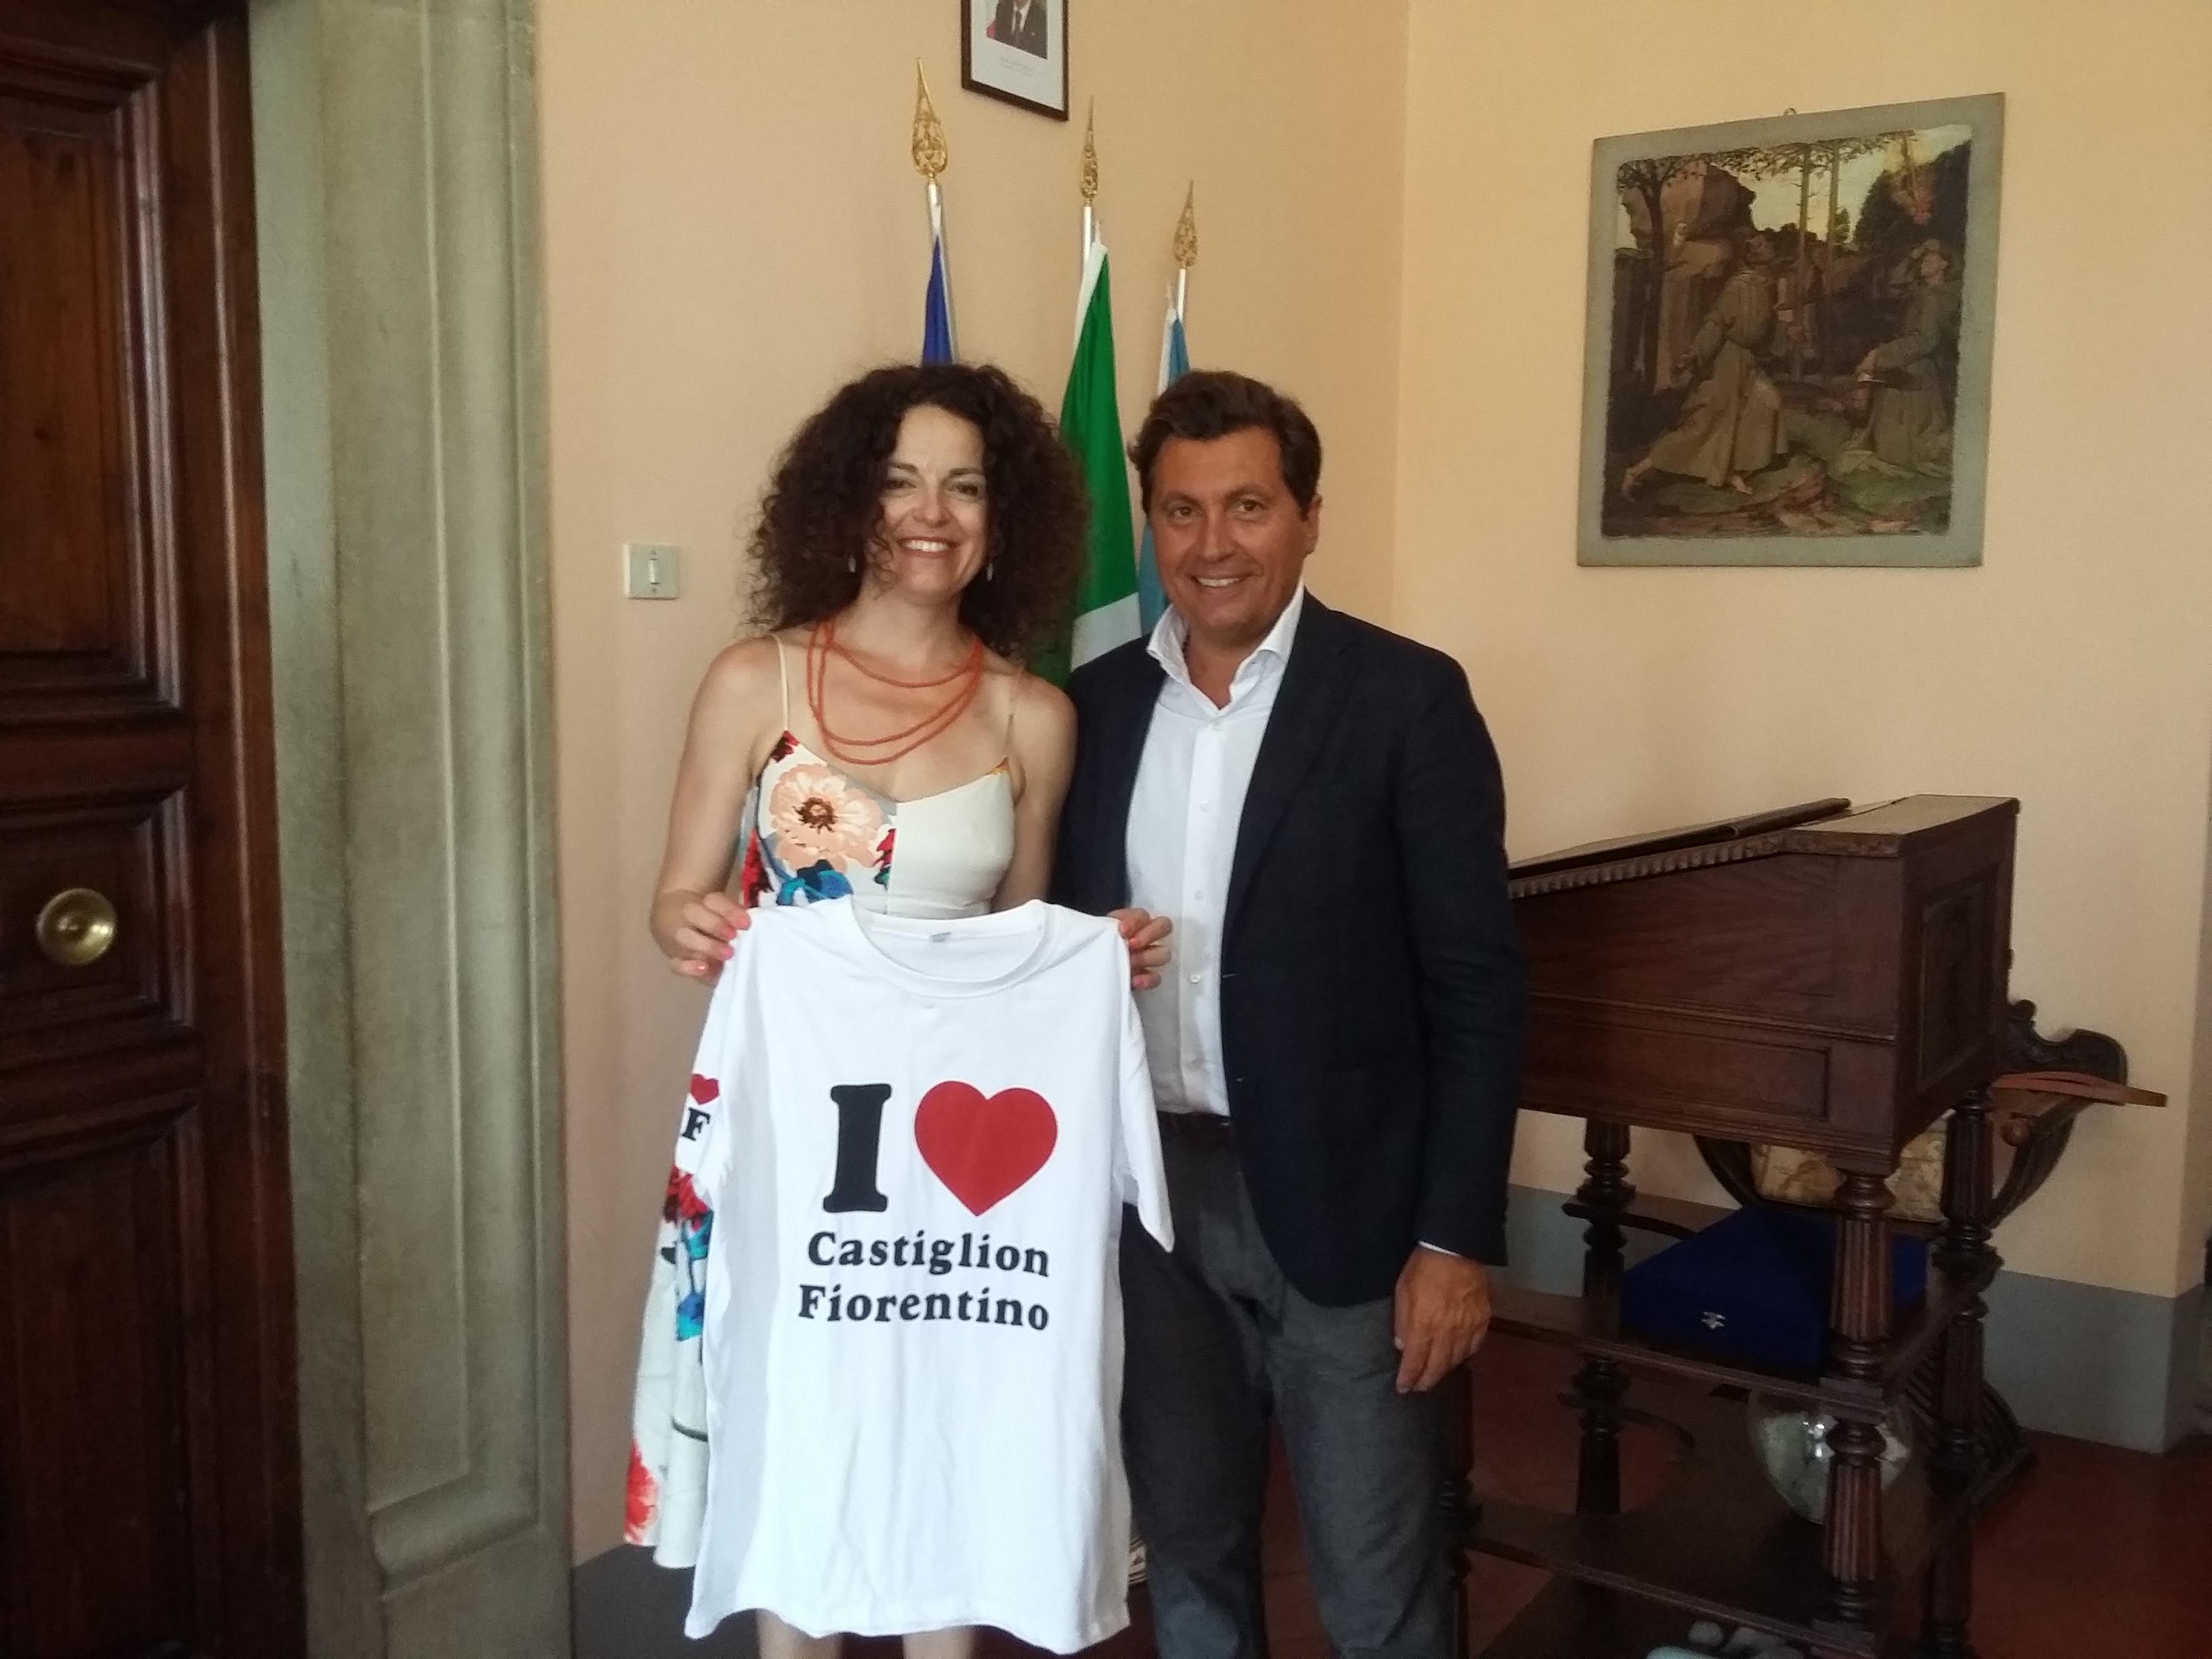 Susanna Rosi, la neuroscienziata da Castiglion Fiorentino all'Università della California